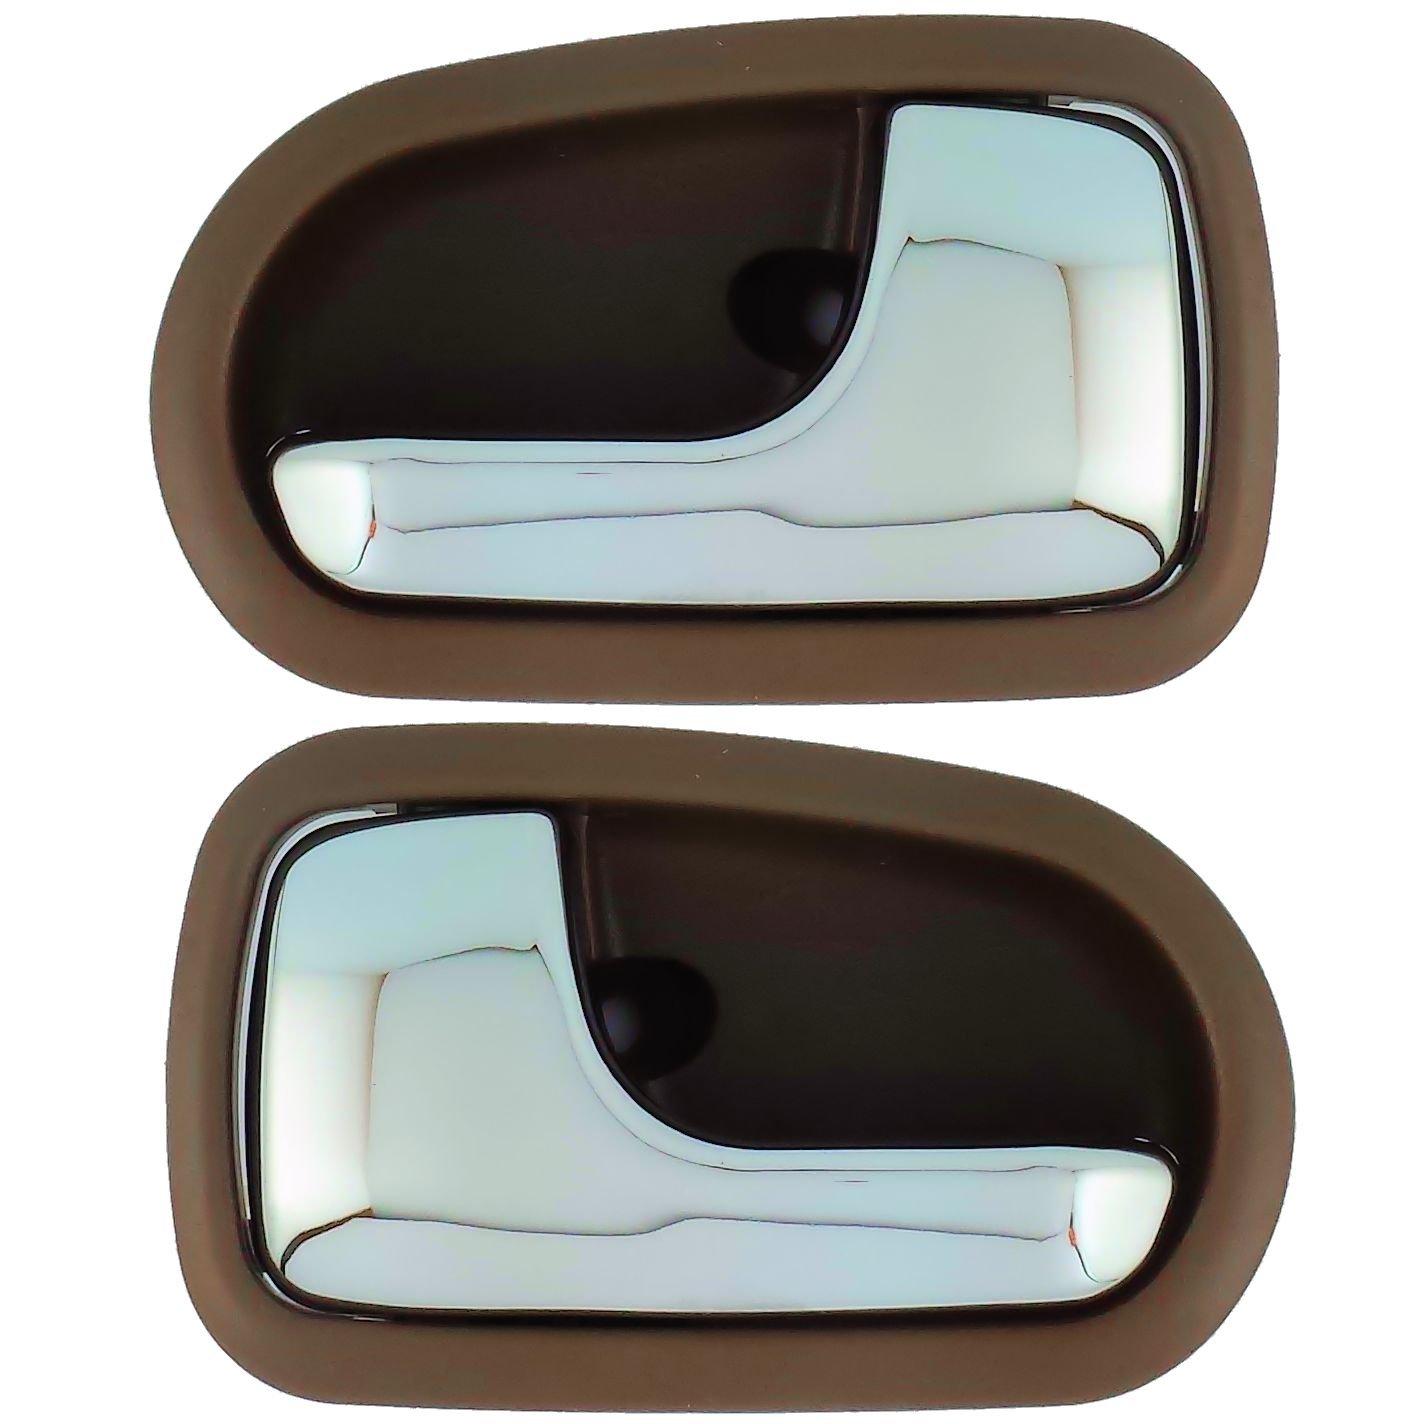 Iamauto 26792 For 1996 2003 Mazda Protege Brown Inside Door Handle